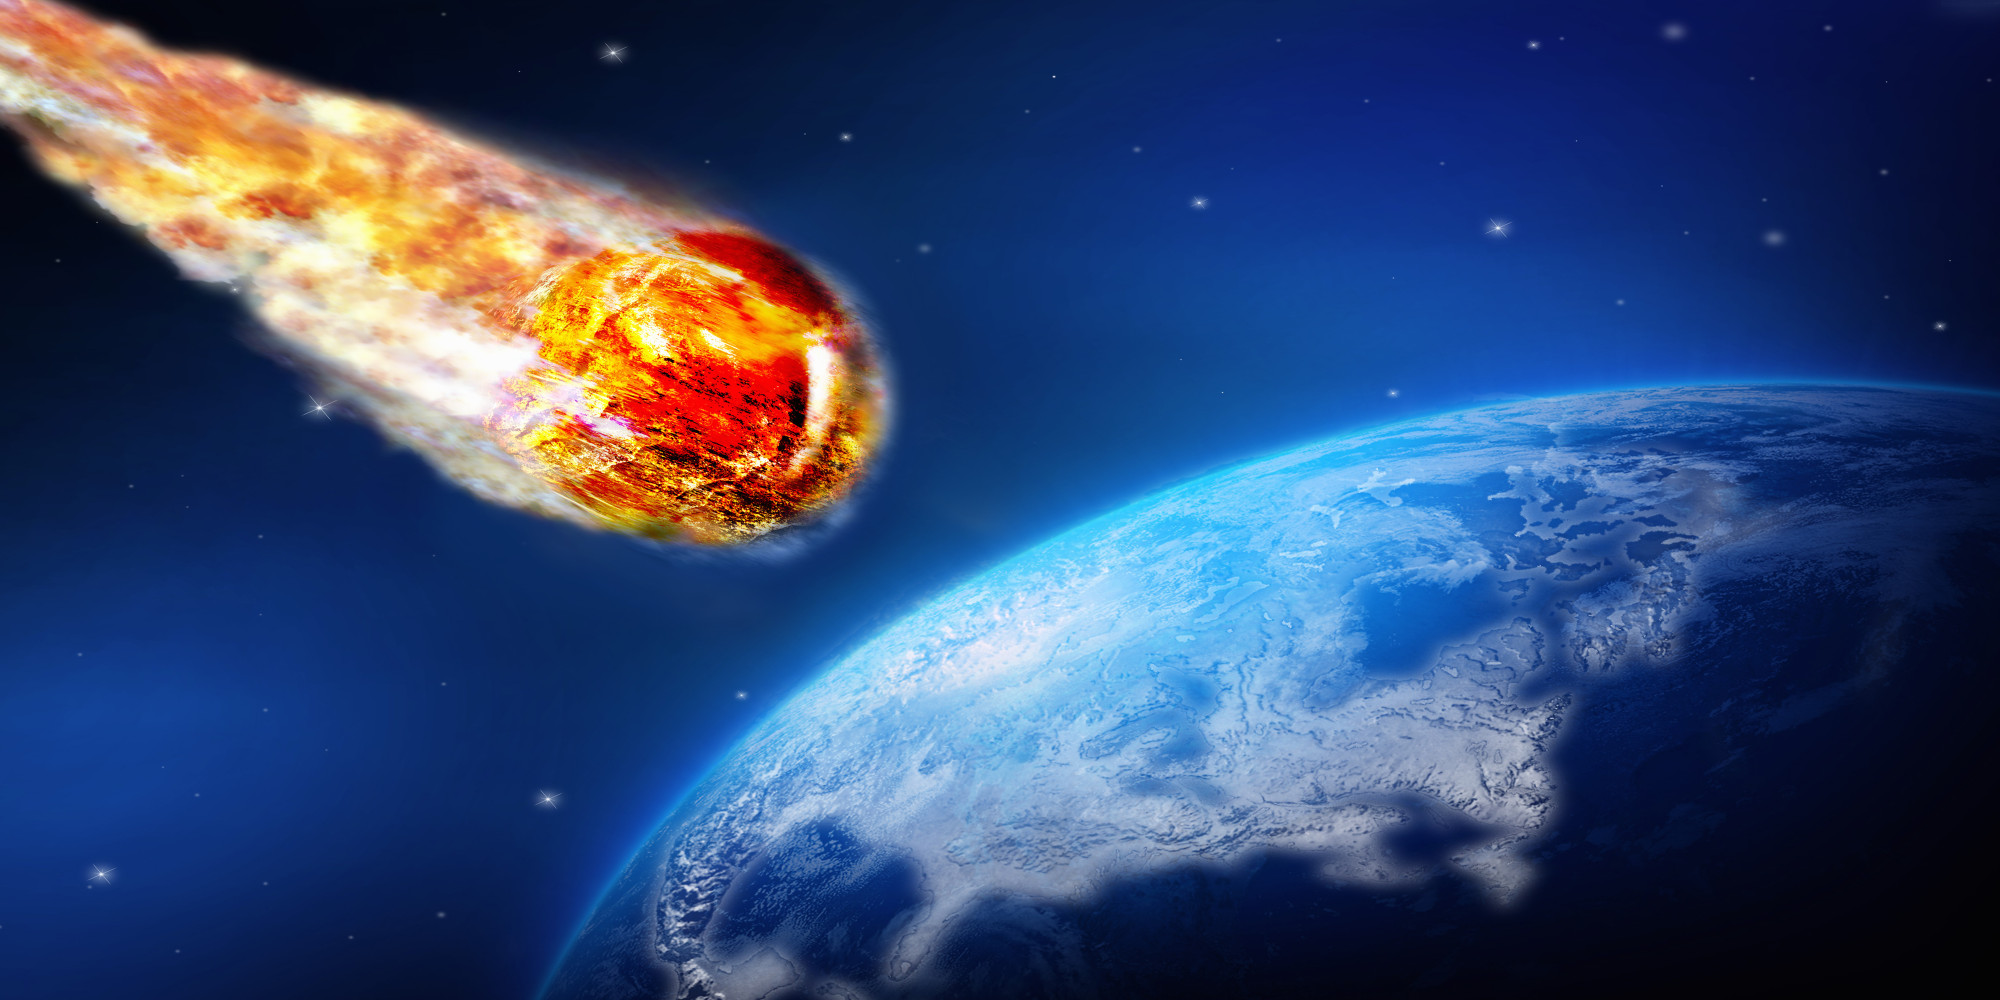 К земле летит новый метеорит видео новости 2018